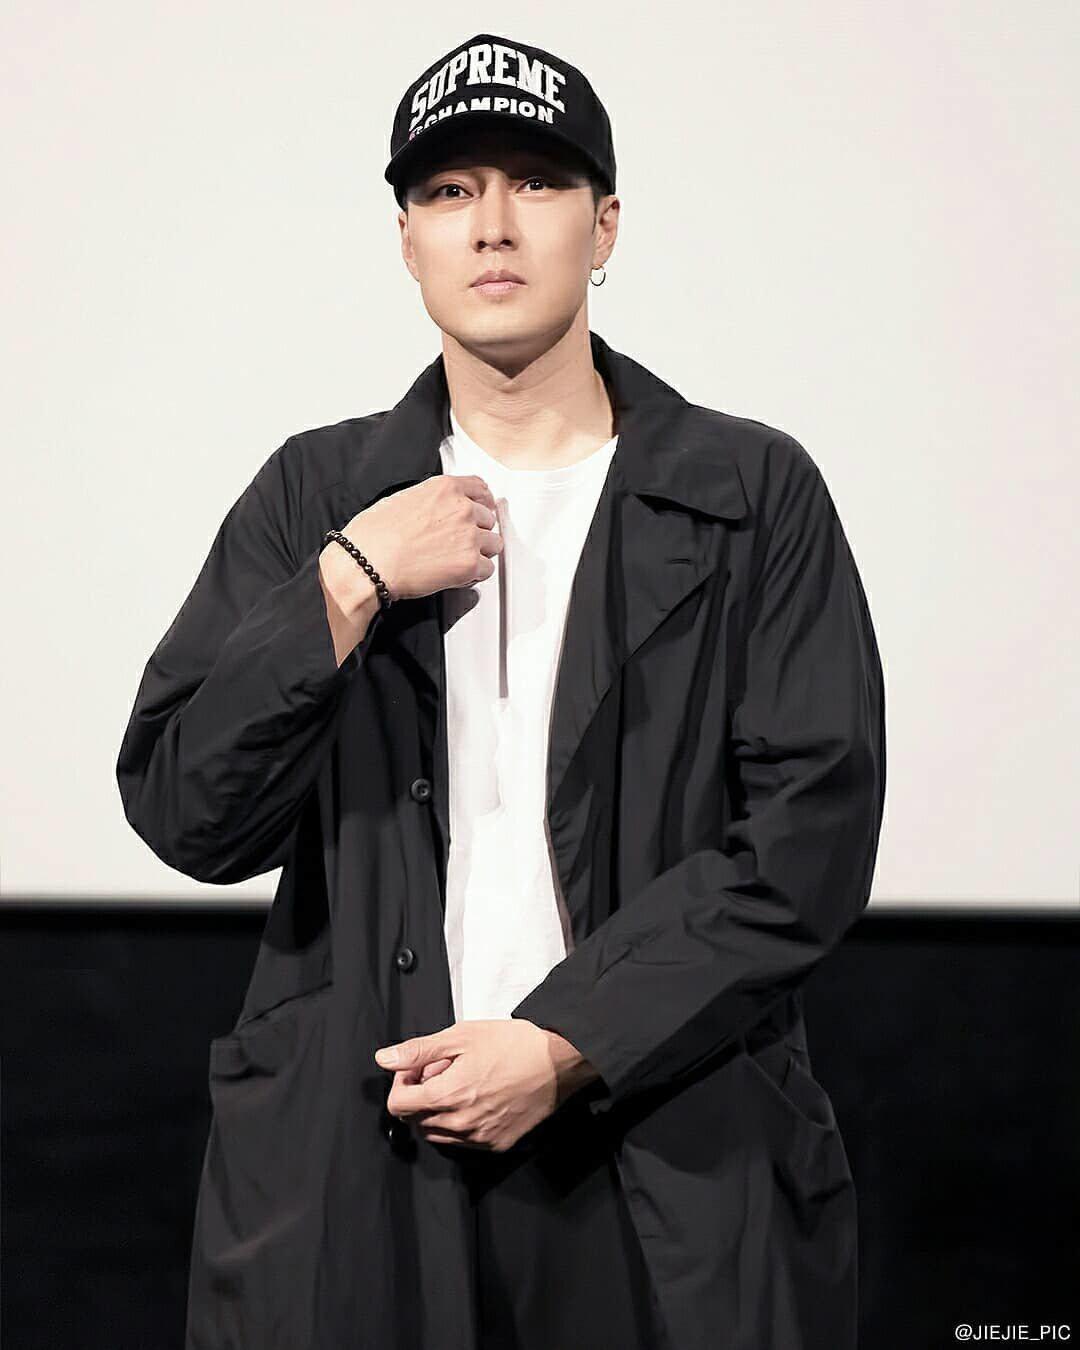 蘇志燮在韓國宣傳電影時的穿搭。圖/取自@jiejie_pic IG